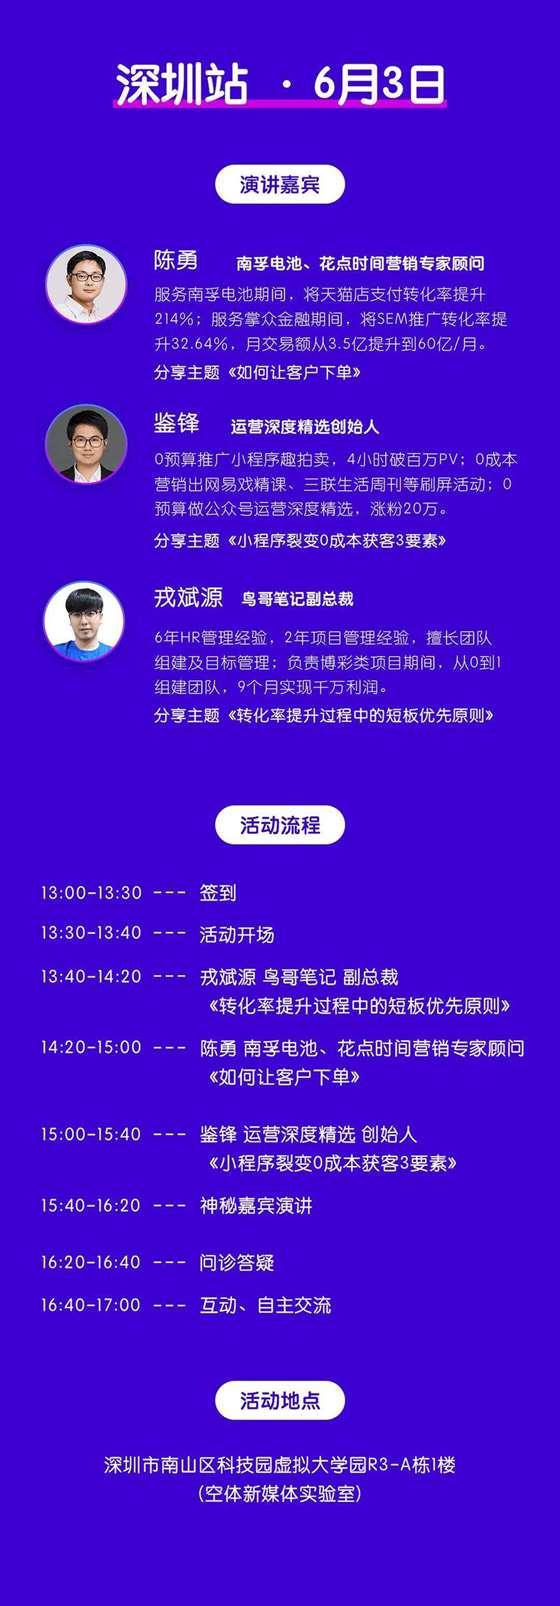 D:\Desktop\2018年Q2活动物料需求-深圳站.png